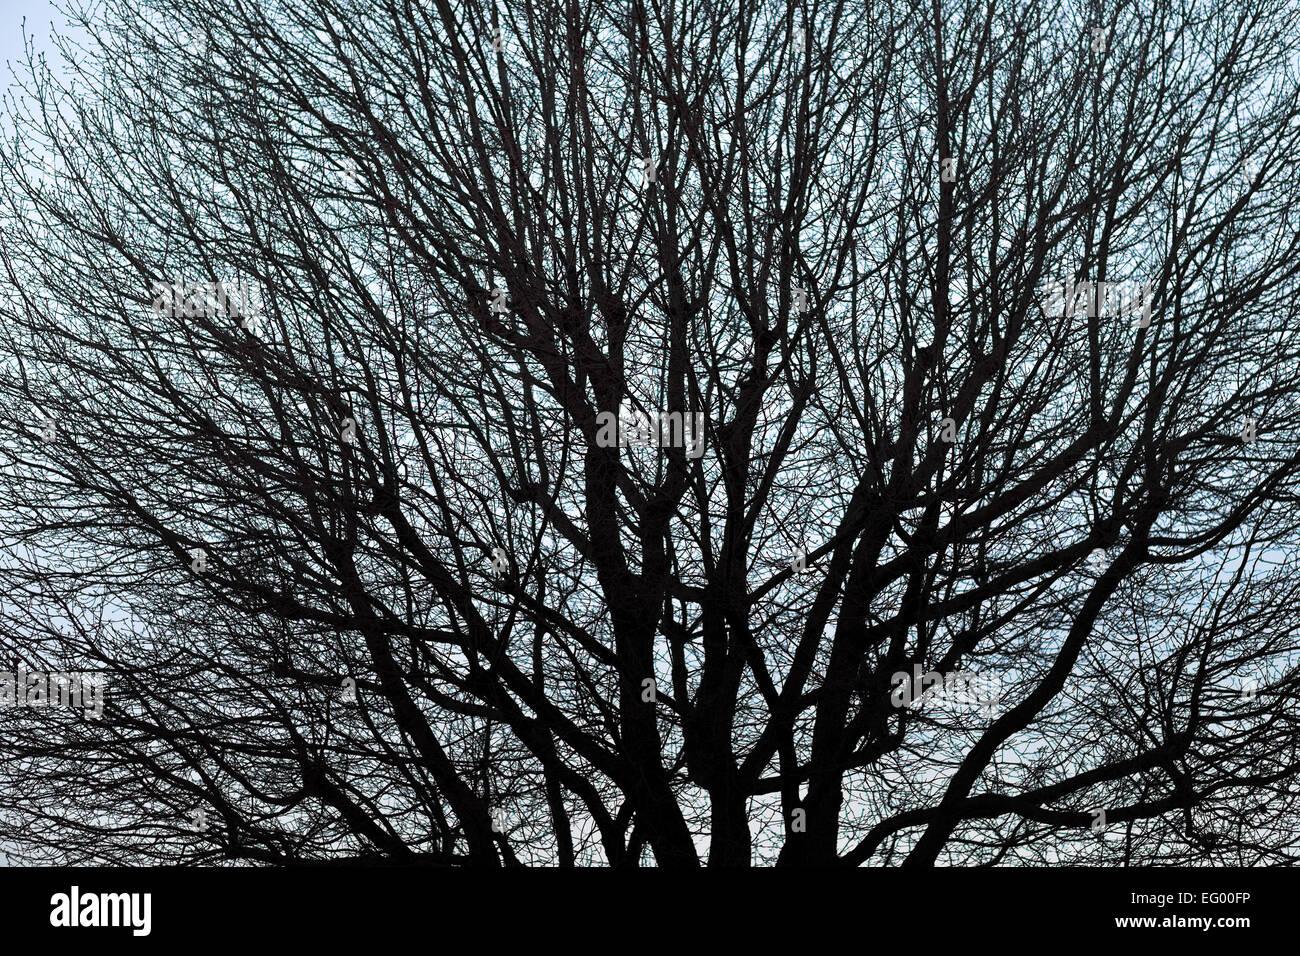 Hiver arbre nu contre le ciel bleu en soirée. Photo Stock